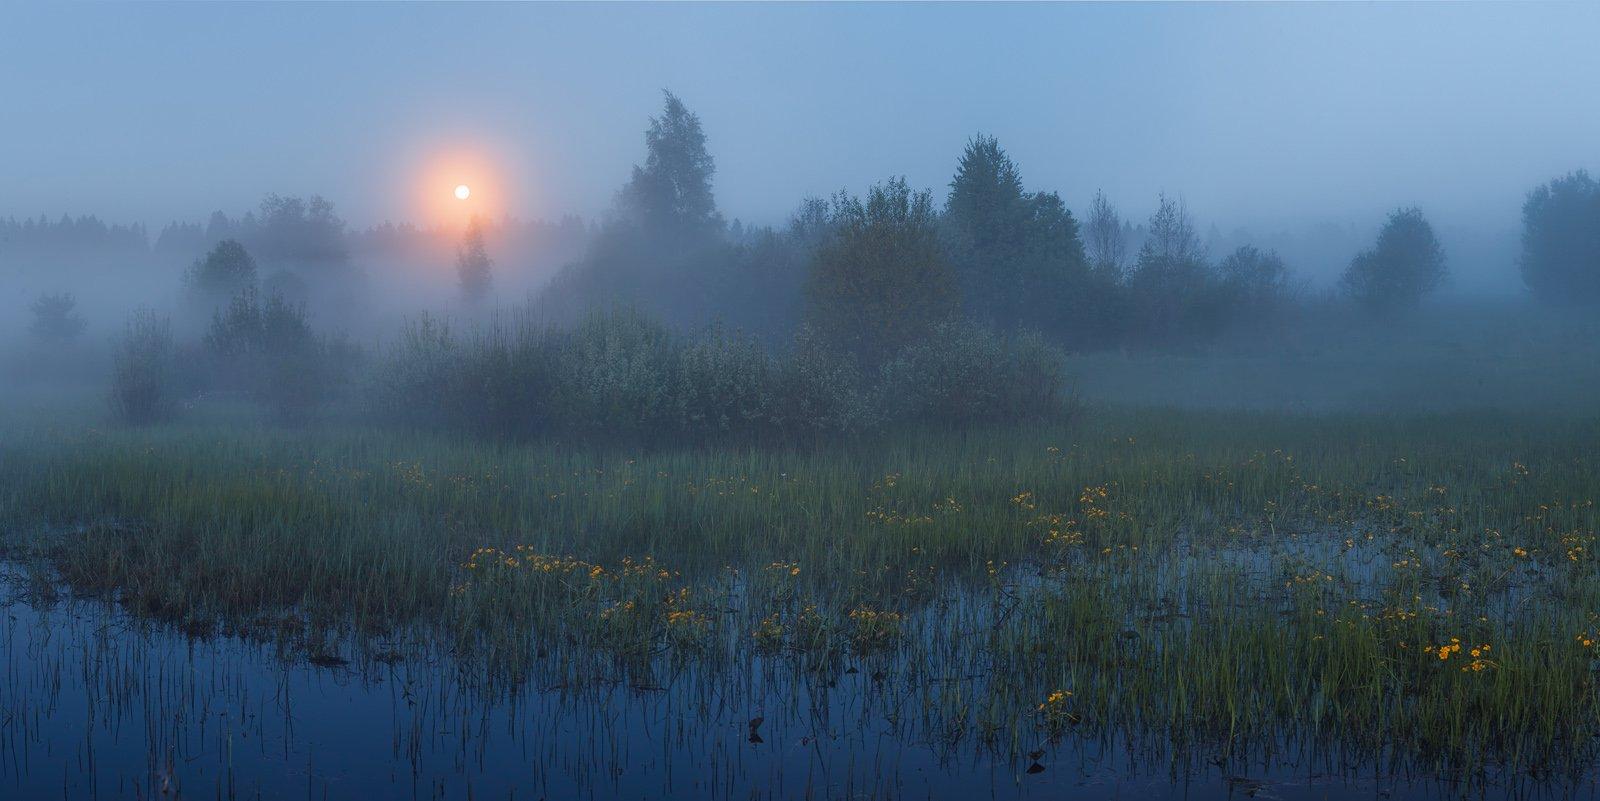 ленинградская область, ленобласть, болото, калужница, туман, Арсений Кашкаров